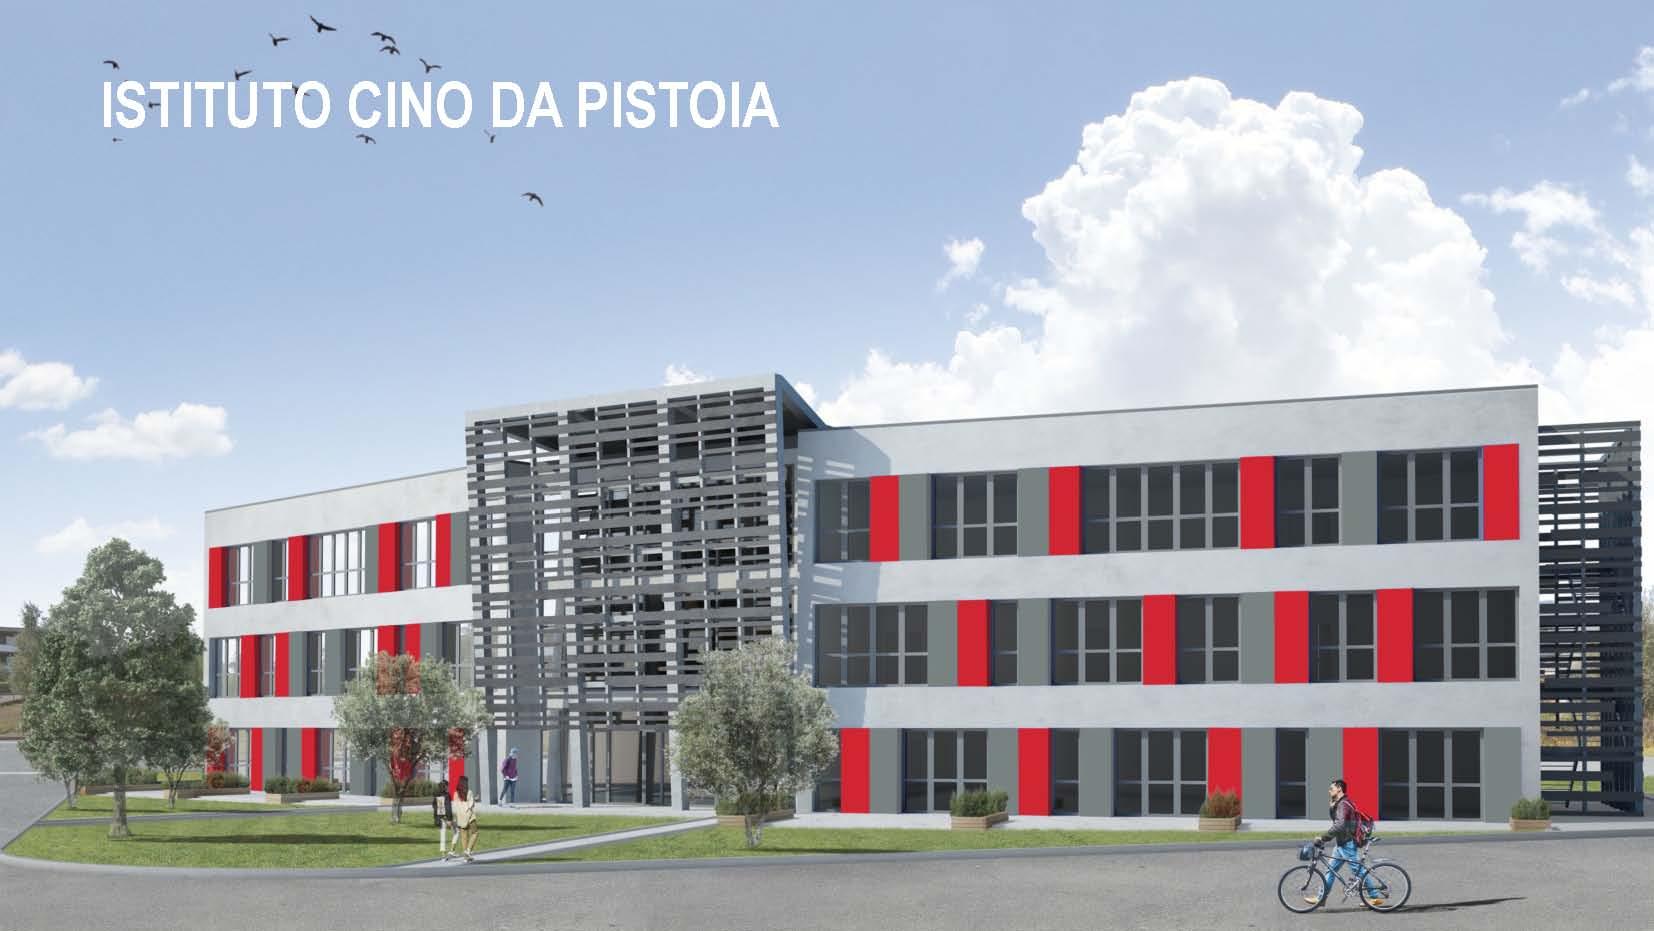 Immagine del progetto della nuova scuola Cino da Pistoia